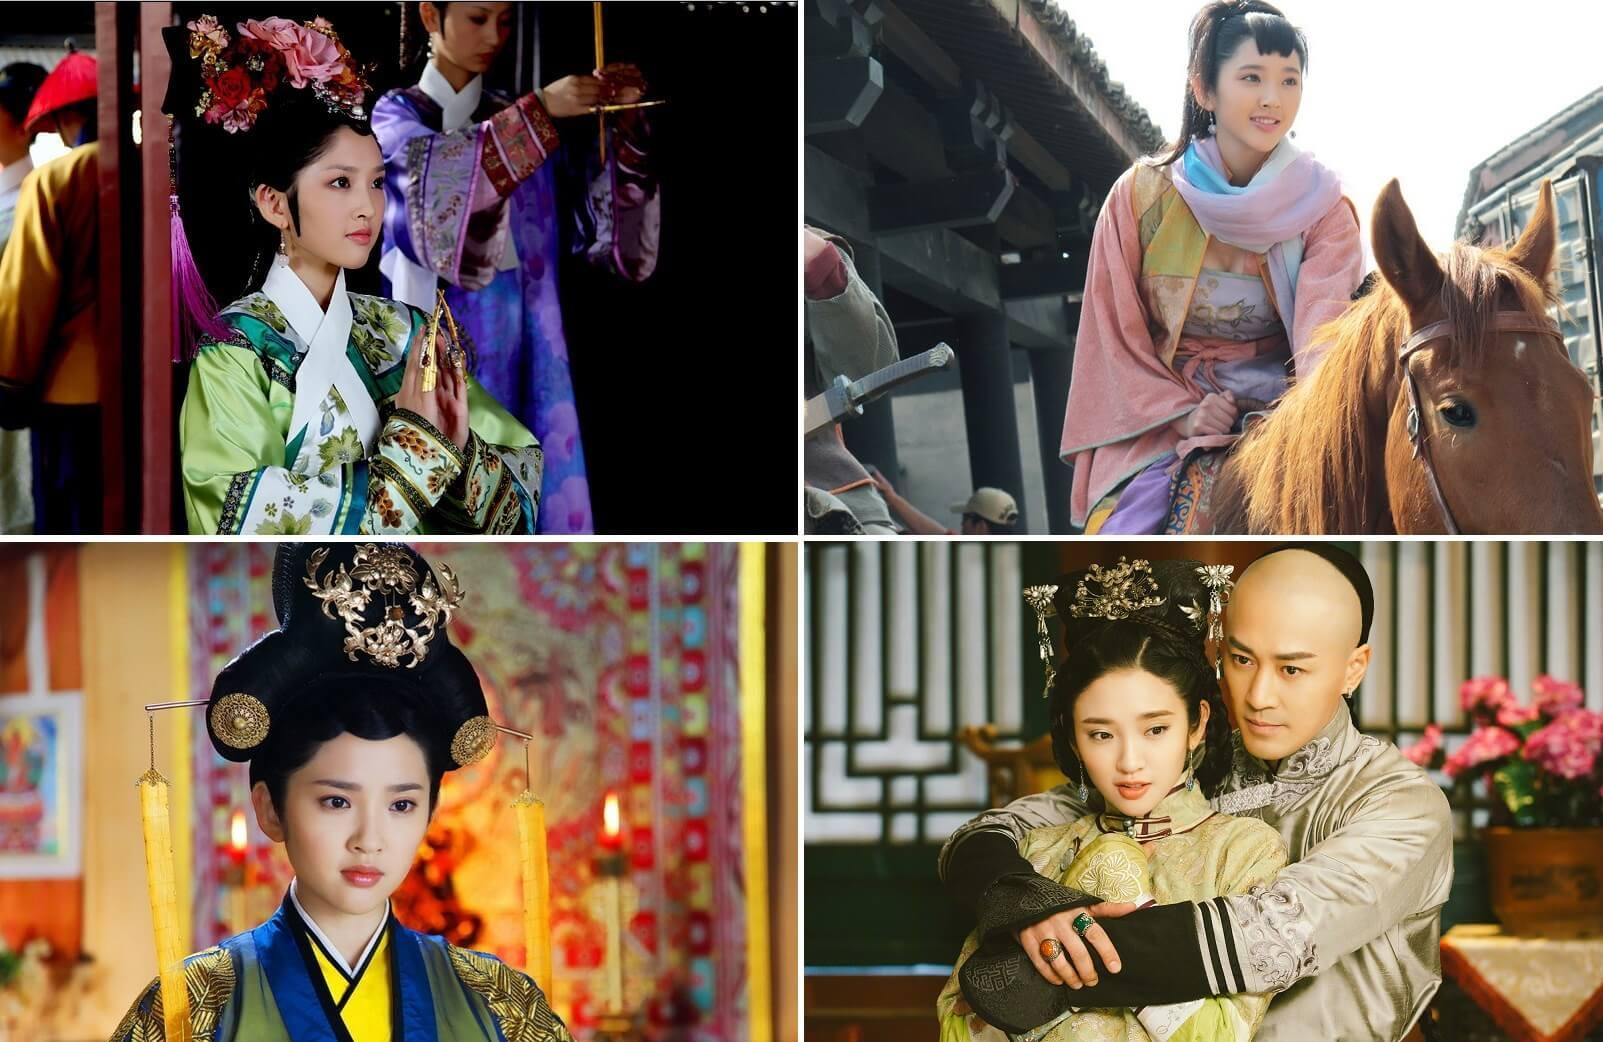 唐藝昕在2011年播出的《後宮甄嬛傳》(上左)中飾演「祺嬪」而嶄露頭角,期後又參演過電視劇《勝女的代價》、《隋唐演義》(上右)、《陸貞傳奇》(下左)、《獨步天下》(下右),慢慢踏上女主角的位置